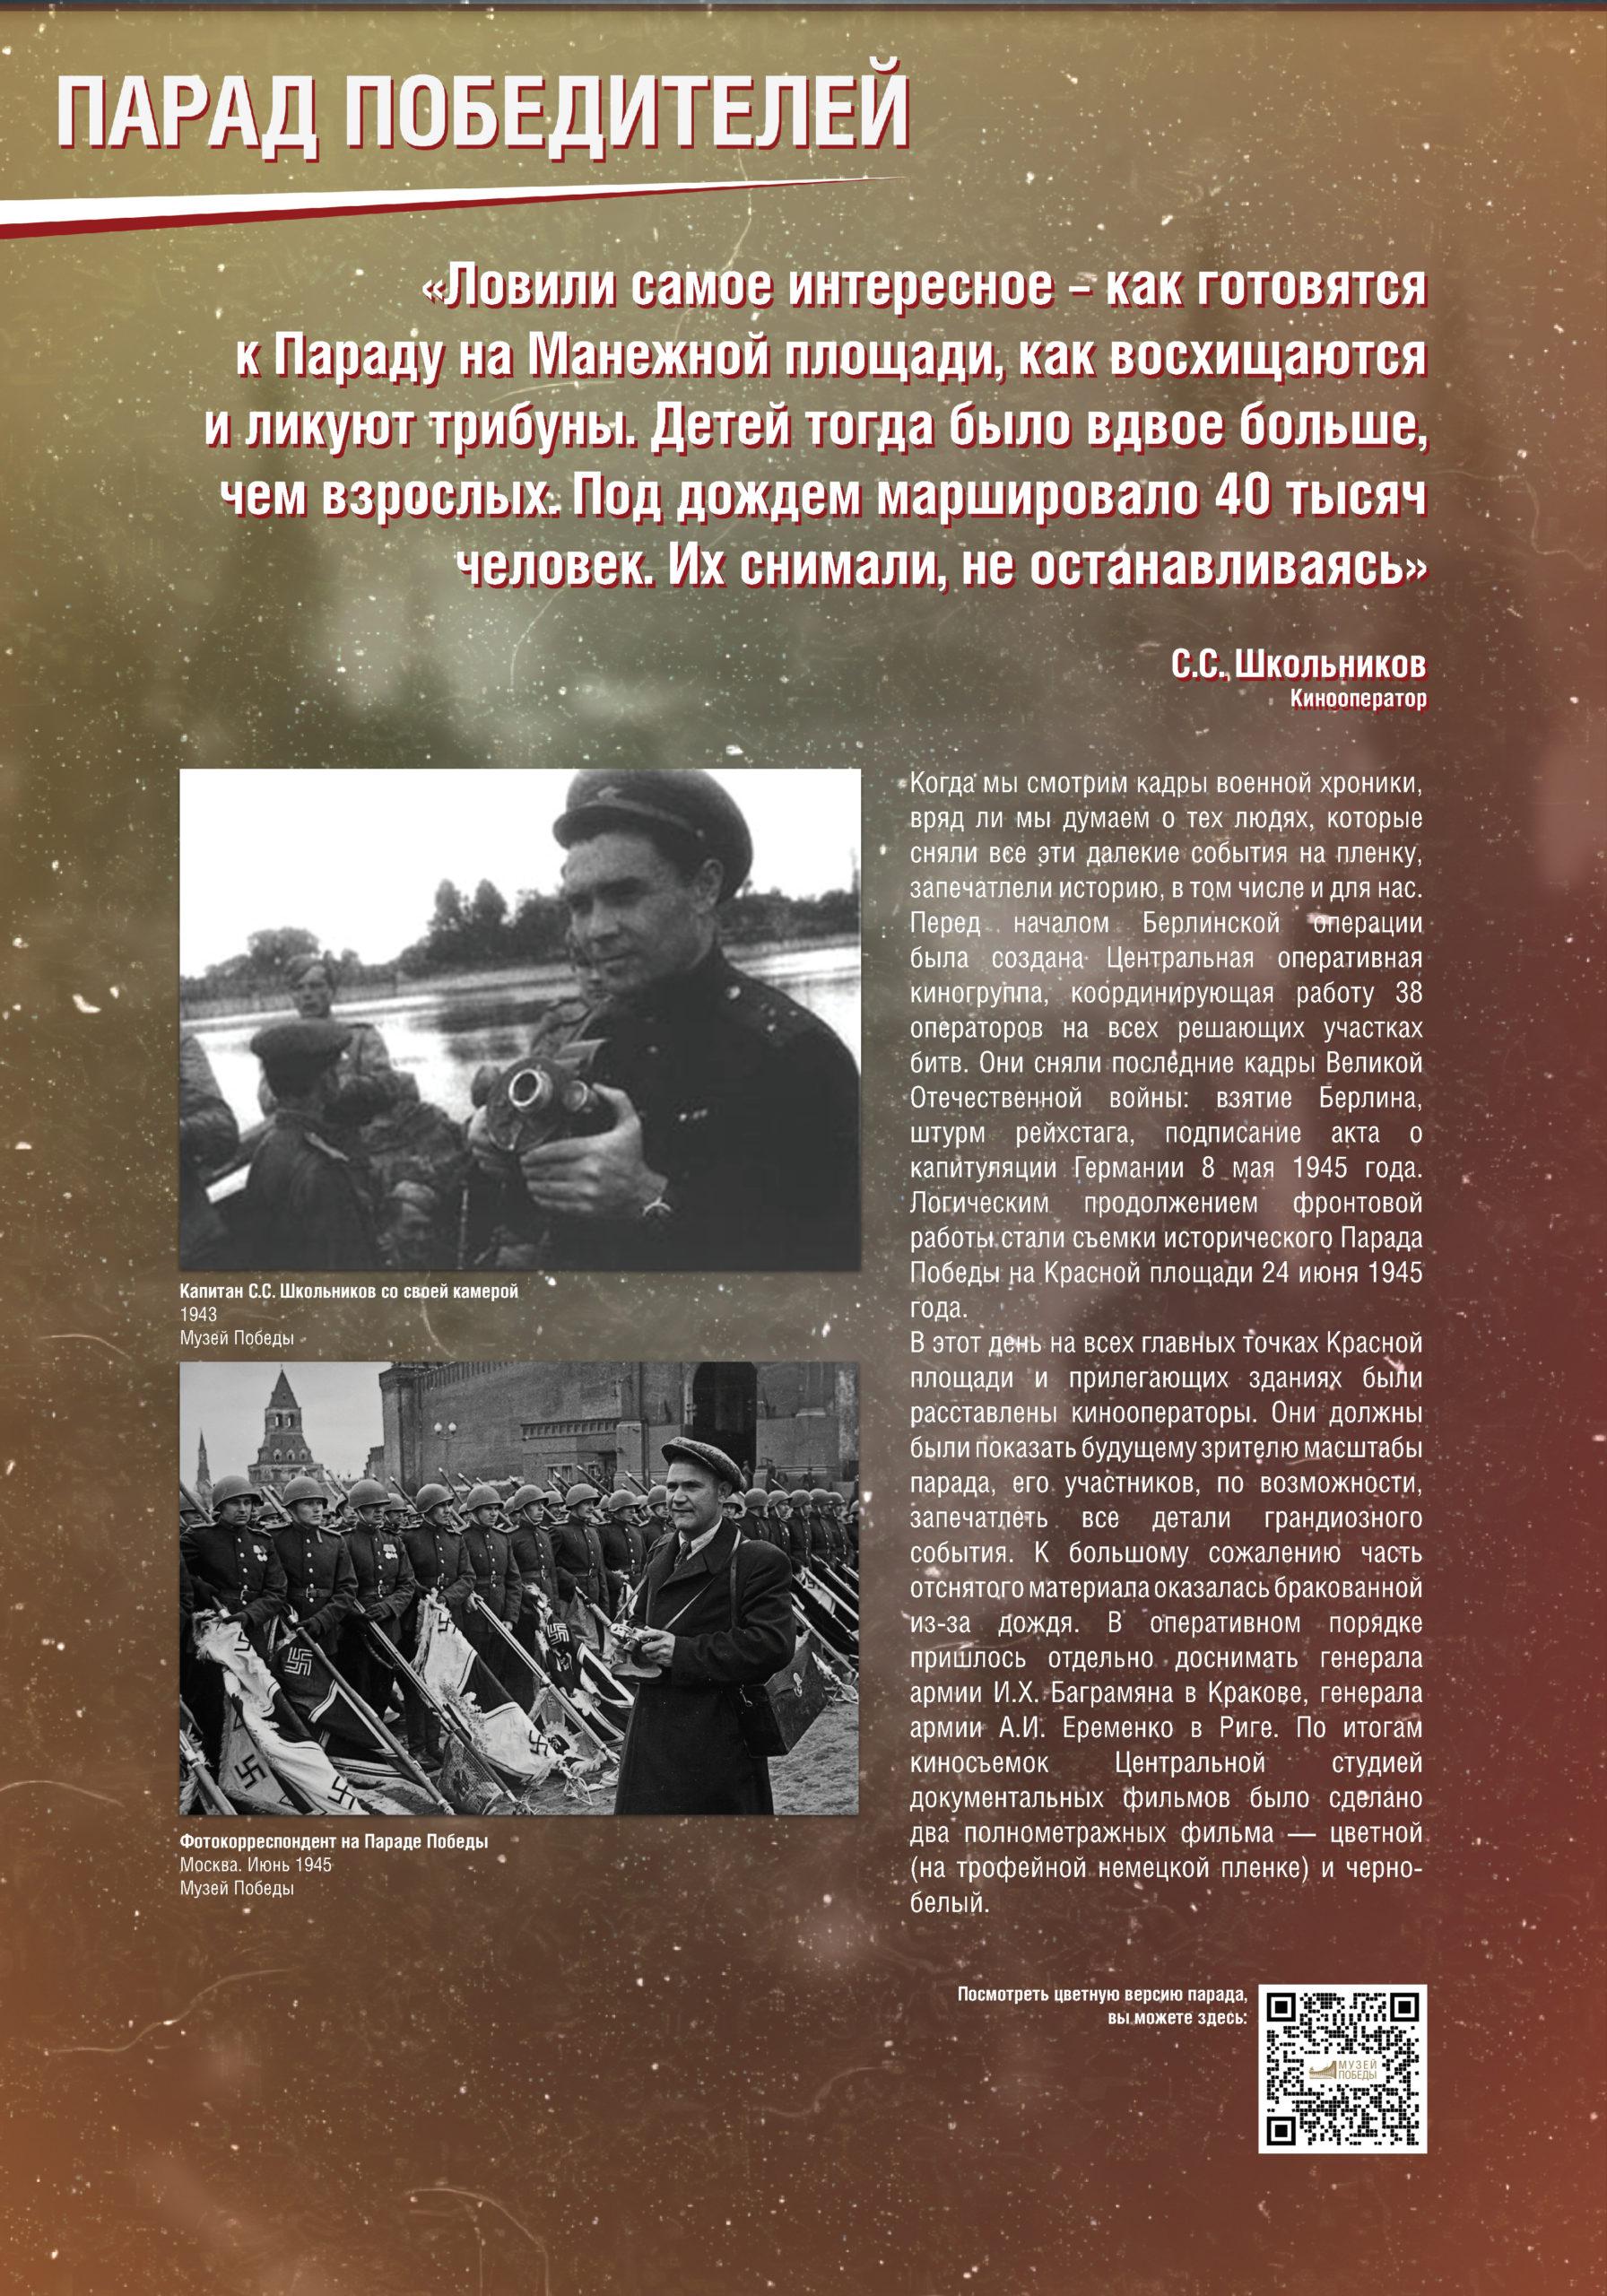 parad_pobediteley_1906_Page25